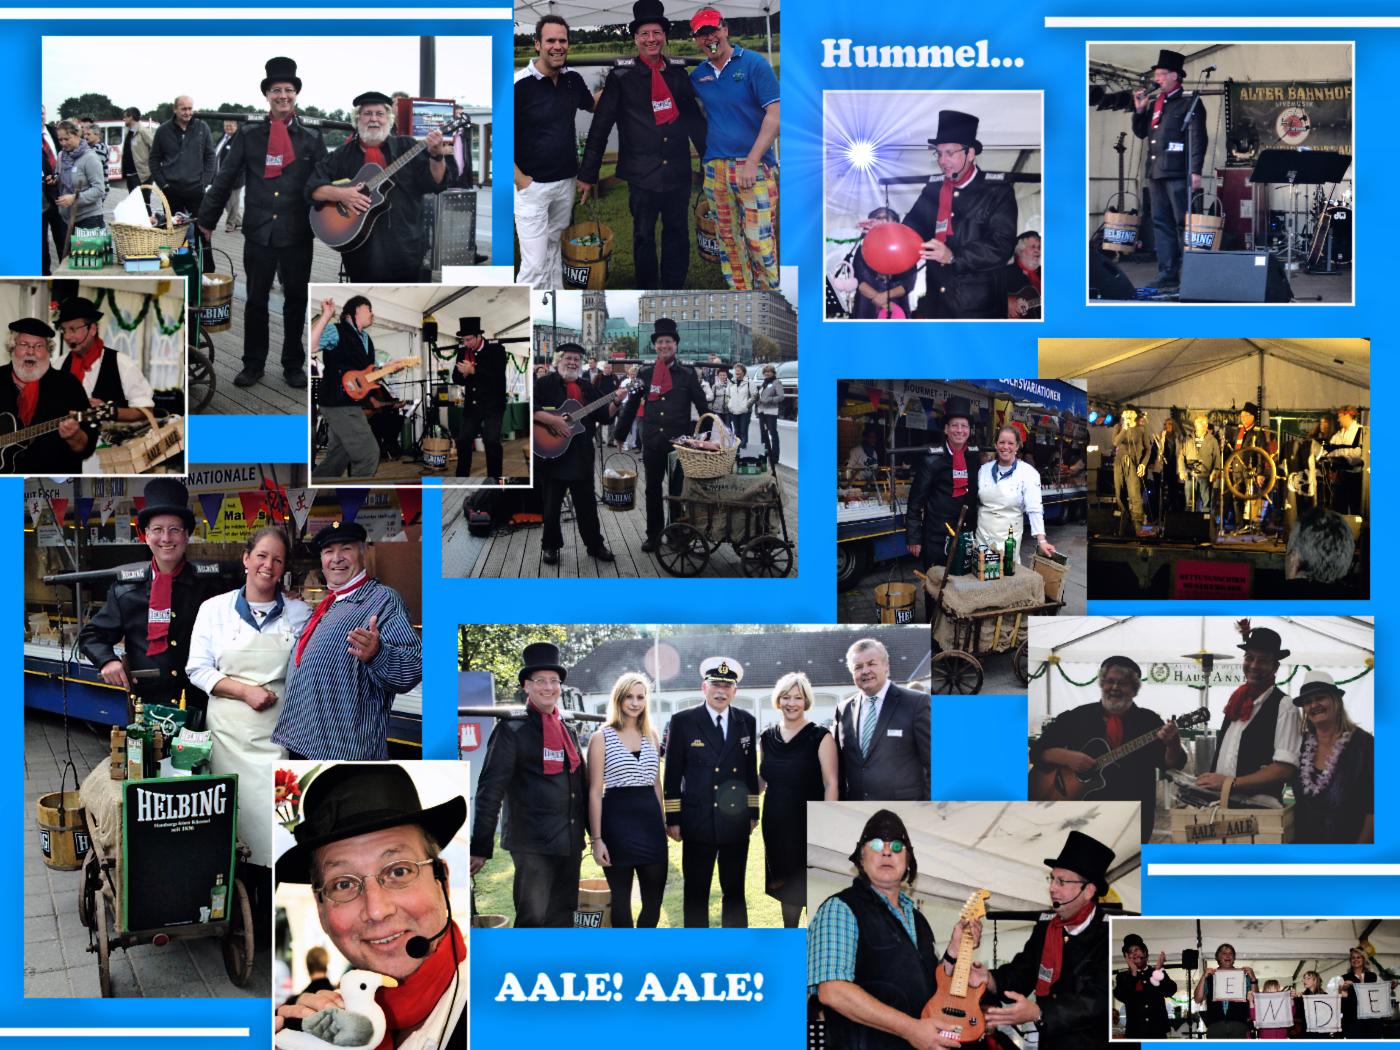 Hummel ... AALE AALE!